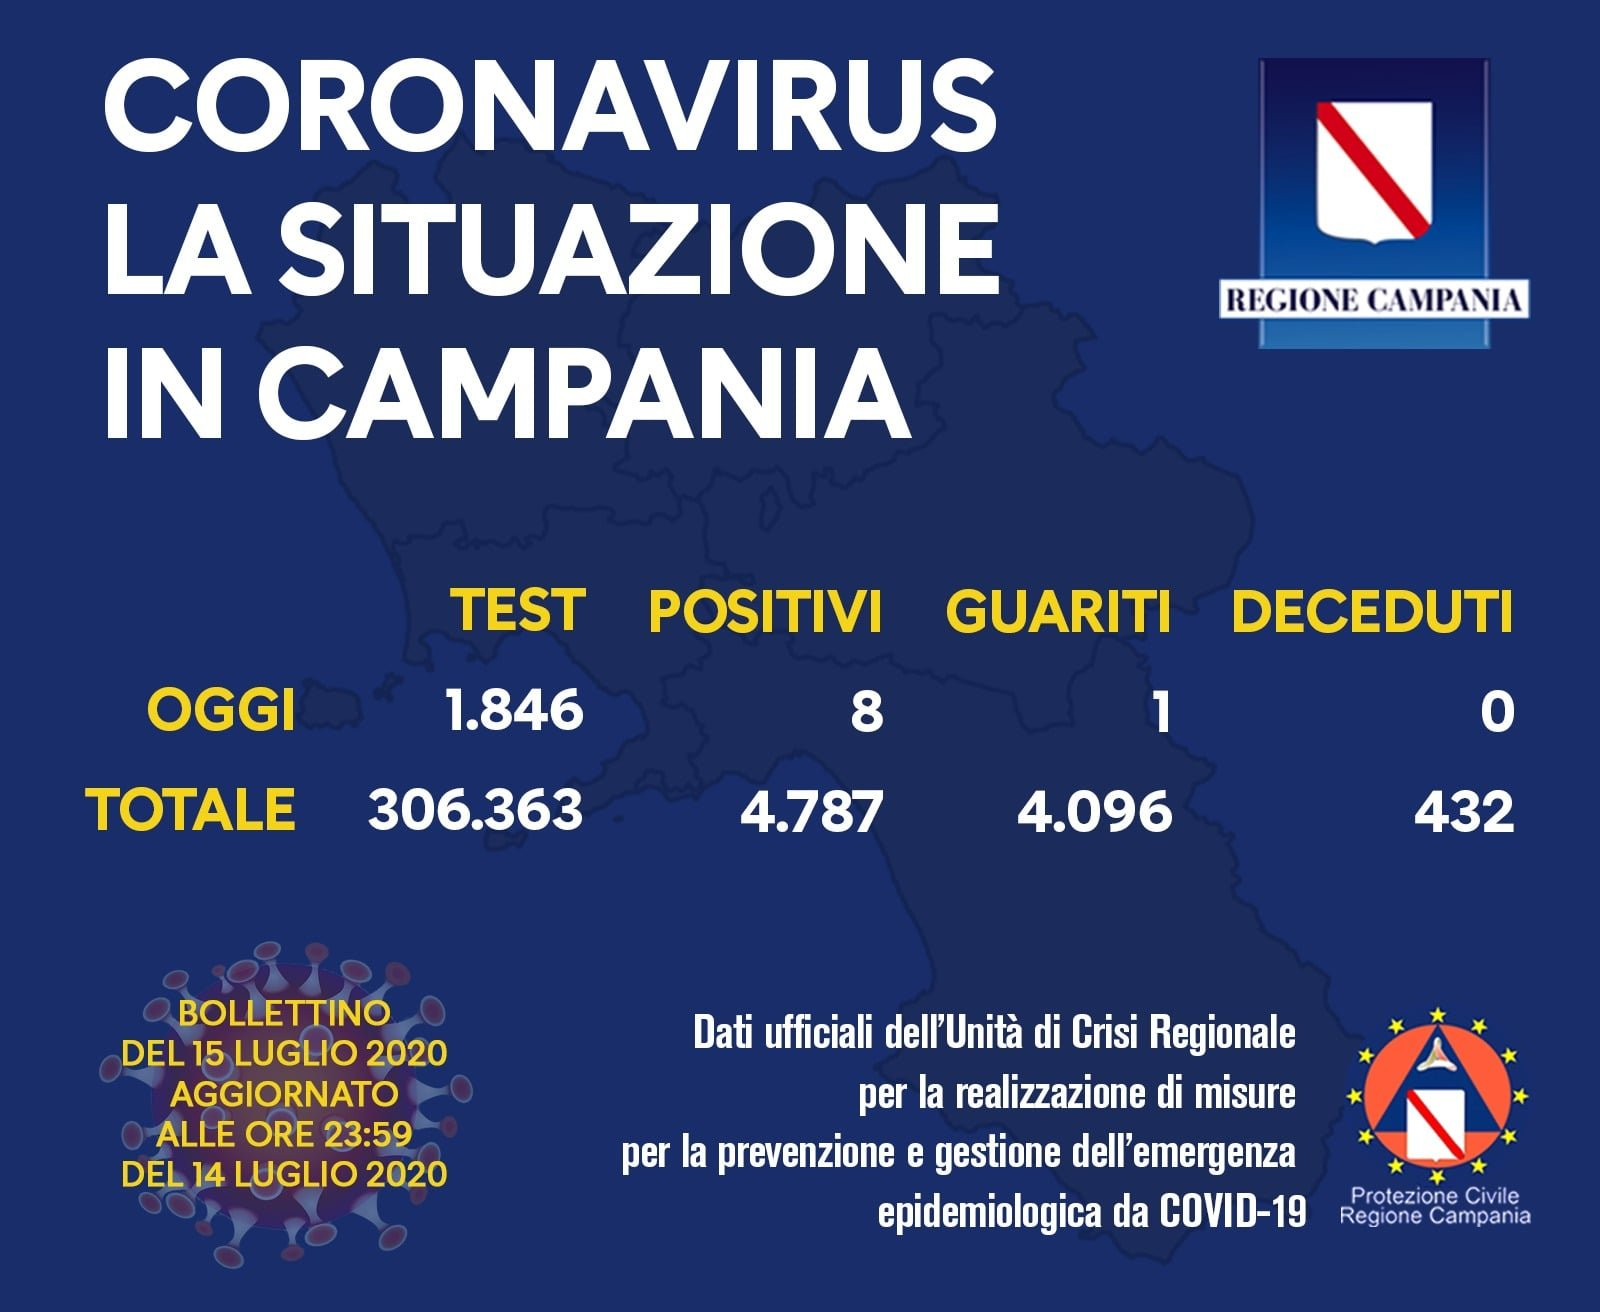 110124247 10158250489543257 733641580328450039 o - COVID-19, IL BOLLETTINO ORDINARIO DELL'UNITÀ DI CRISI DELLA REGIONE CAMPANIA - 15/7/20